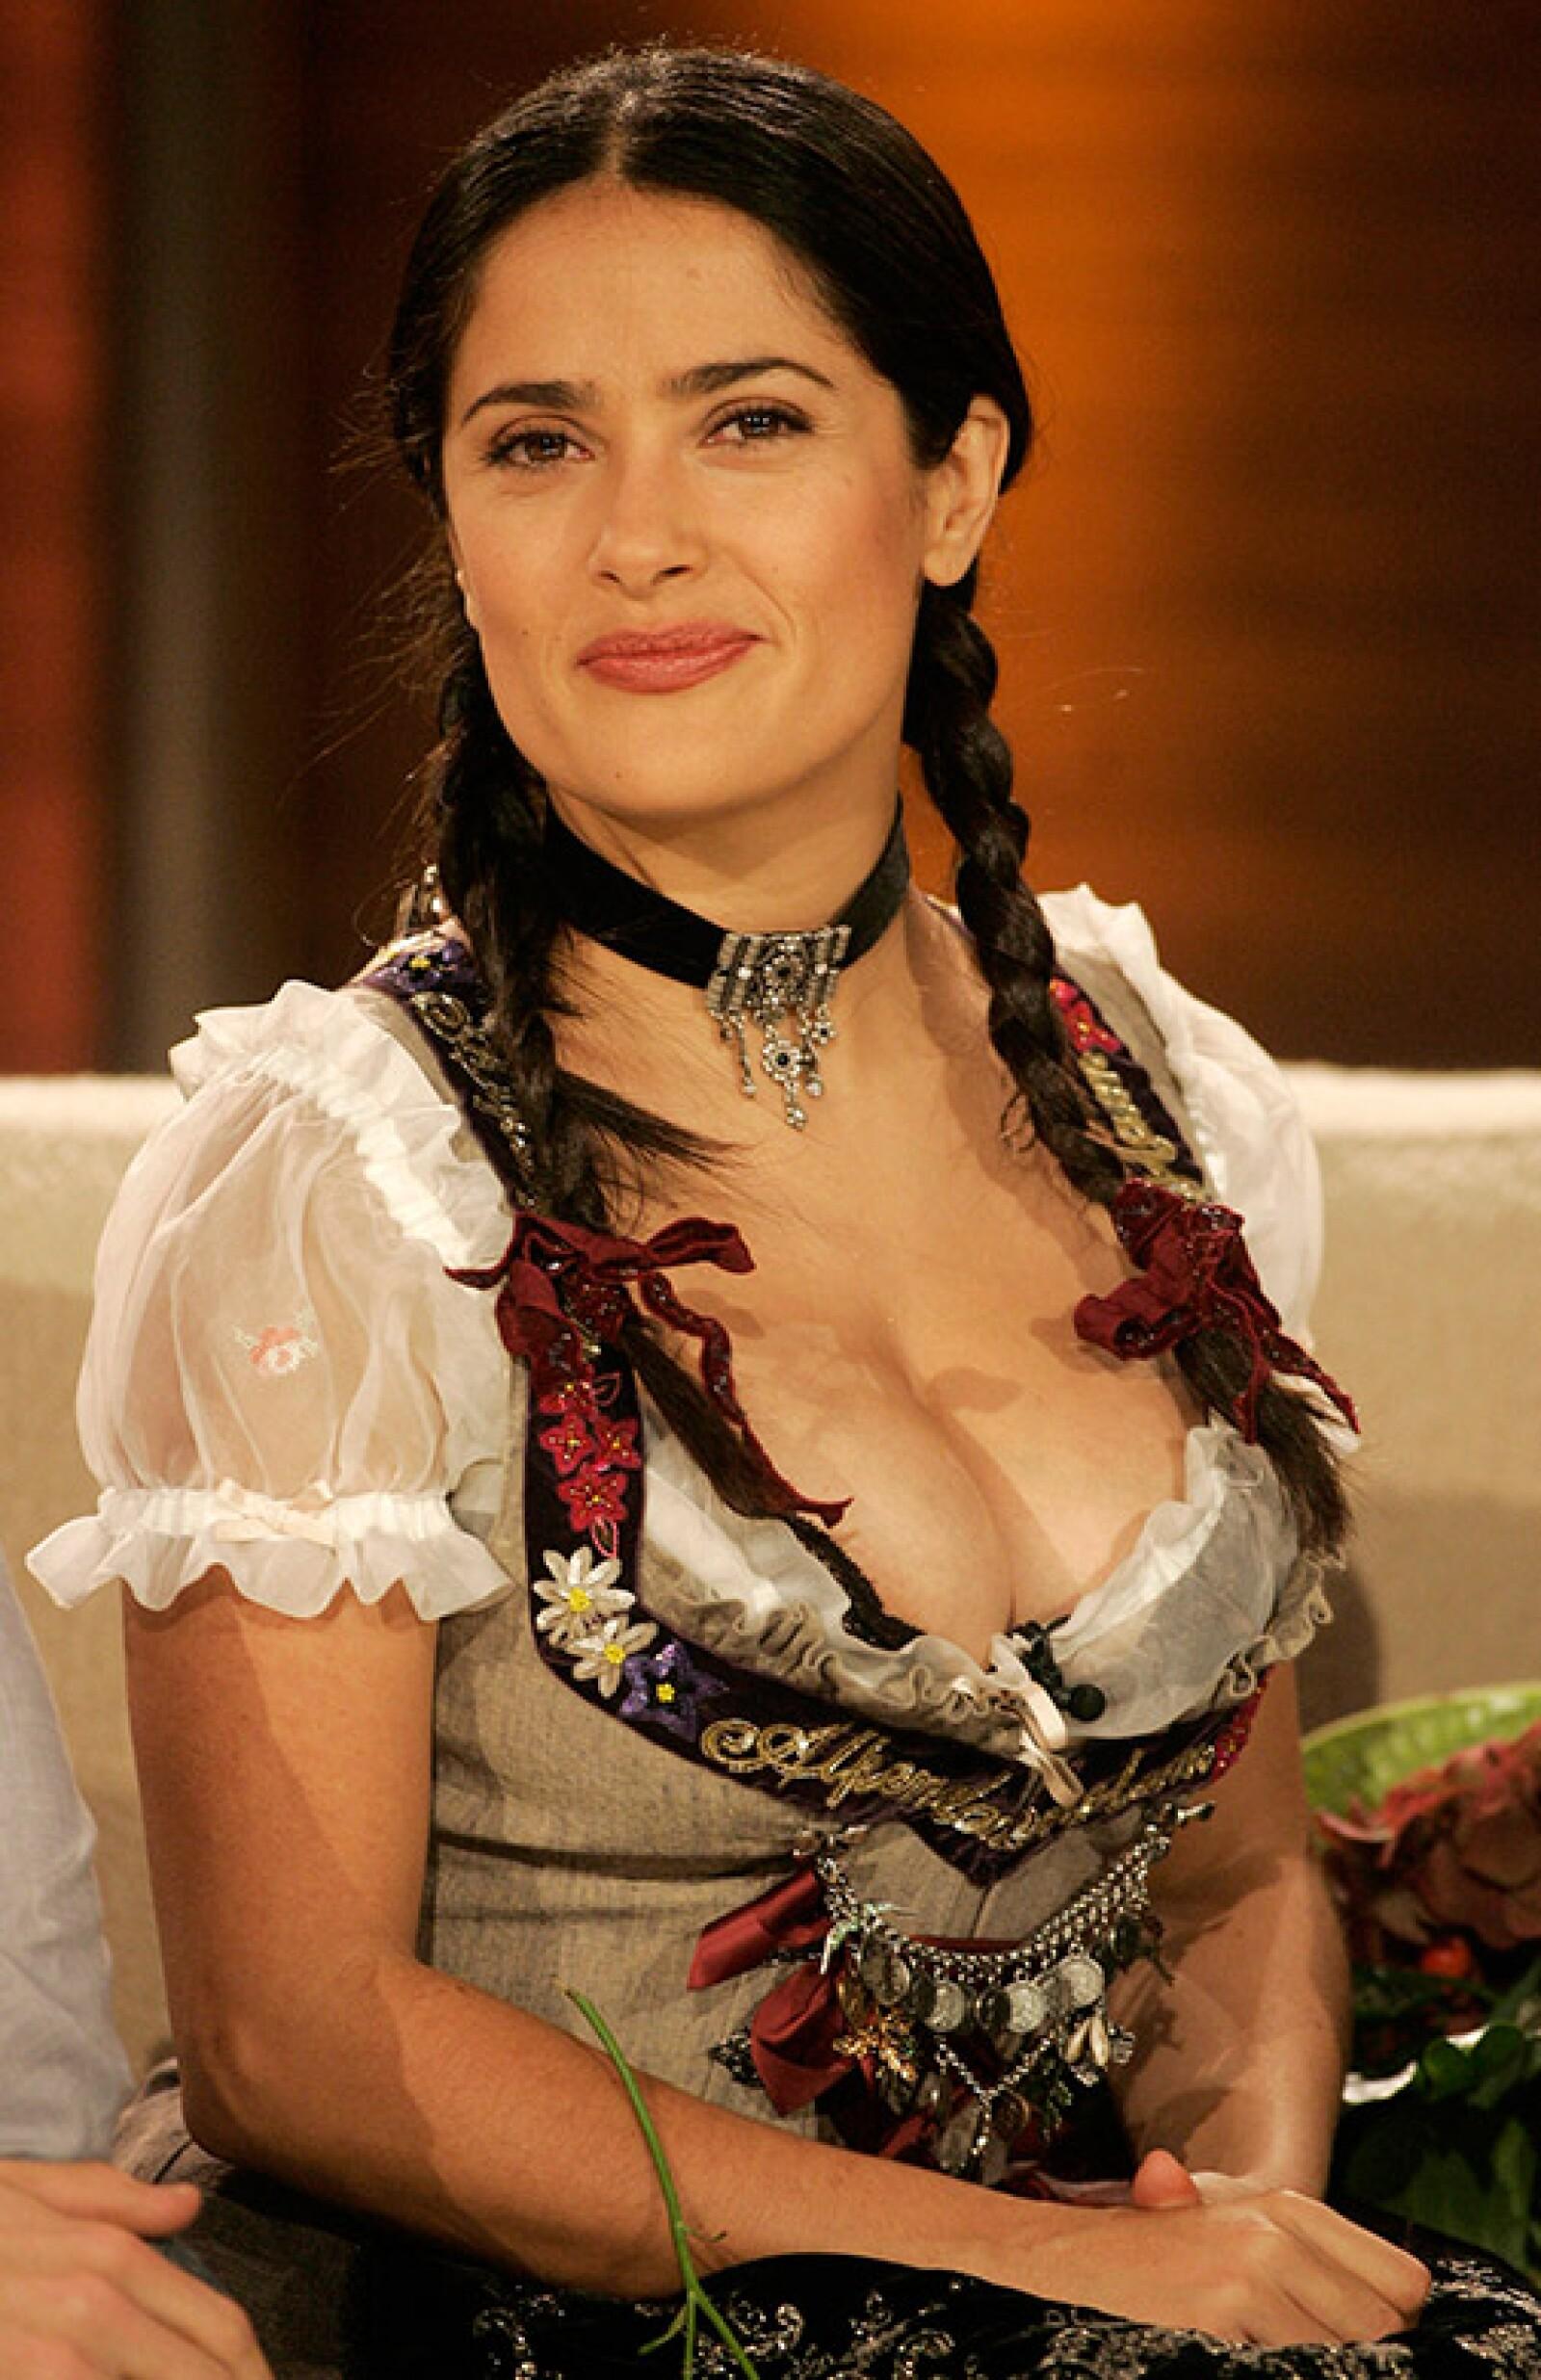 En 2008 la mexicana acudió como invitada a un show en Alemania en el que vistió el traje típico de la región de Baviera.